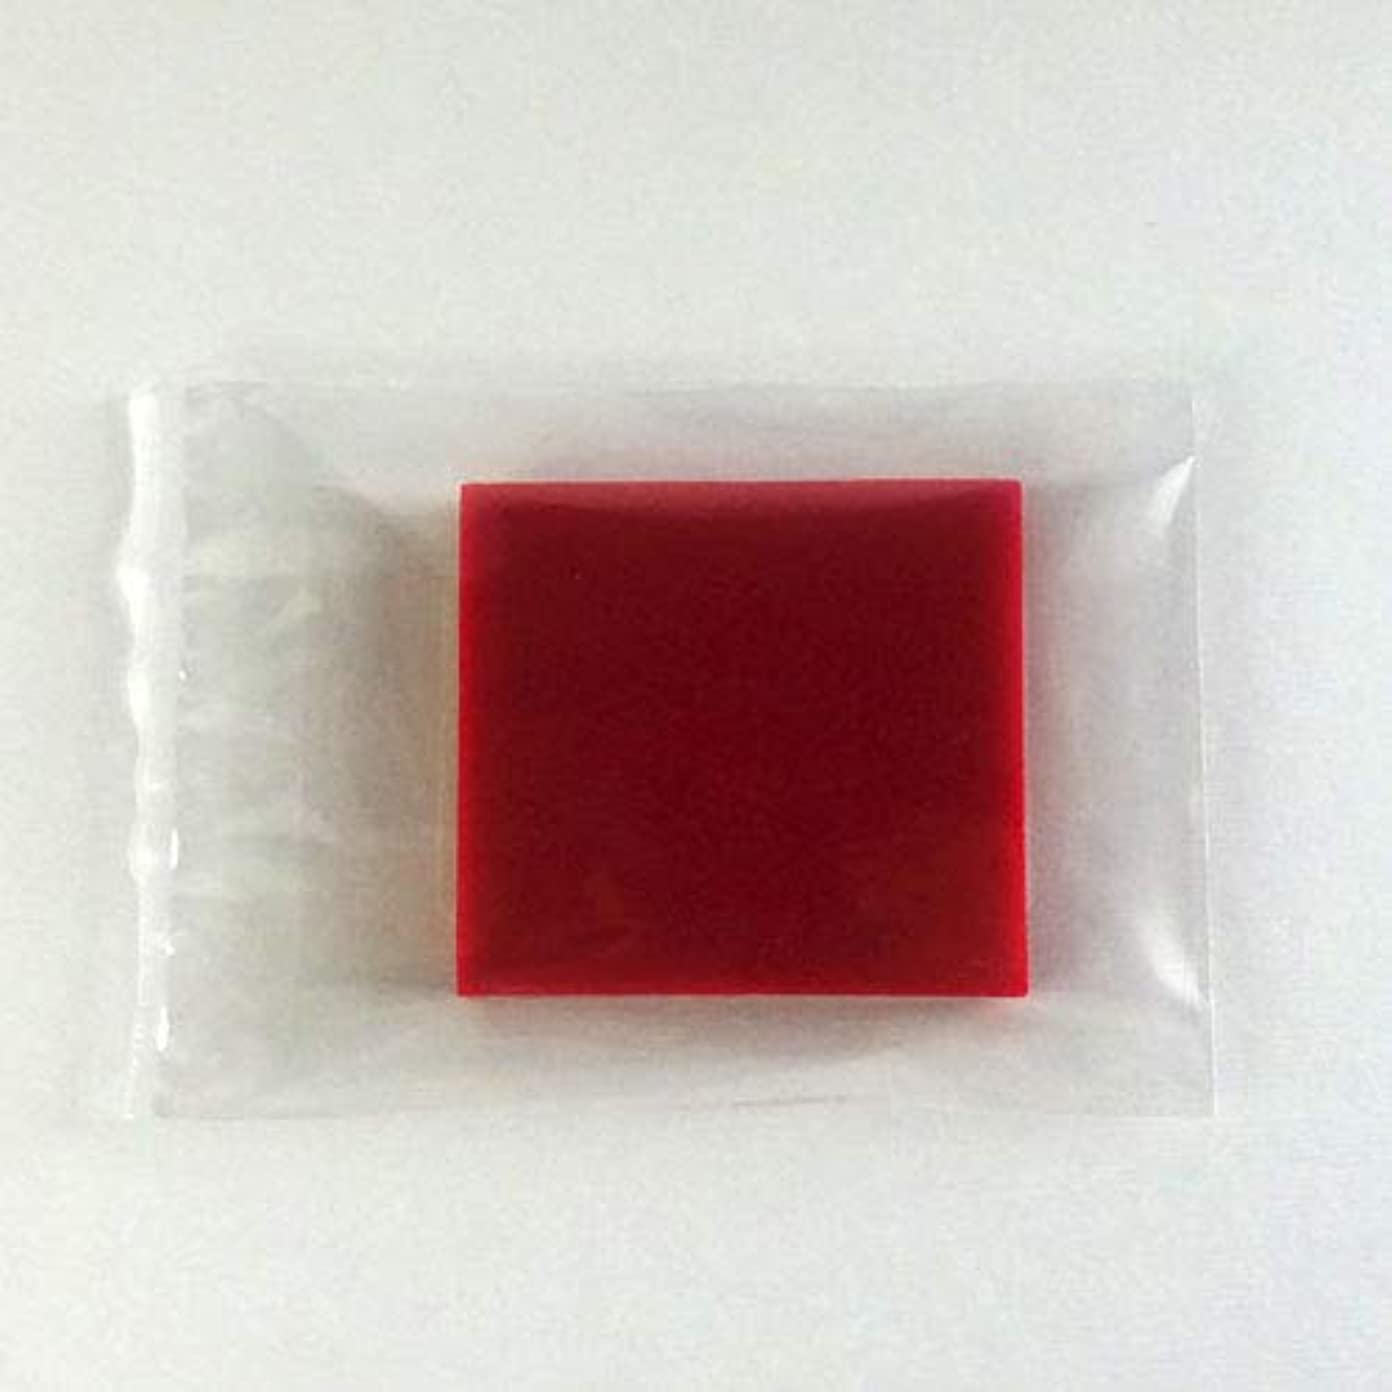 パニックナサニエル区親グリセリンソープ MPソープ 色チップ 赤(レッド) 120g(30g x 4pc)